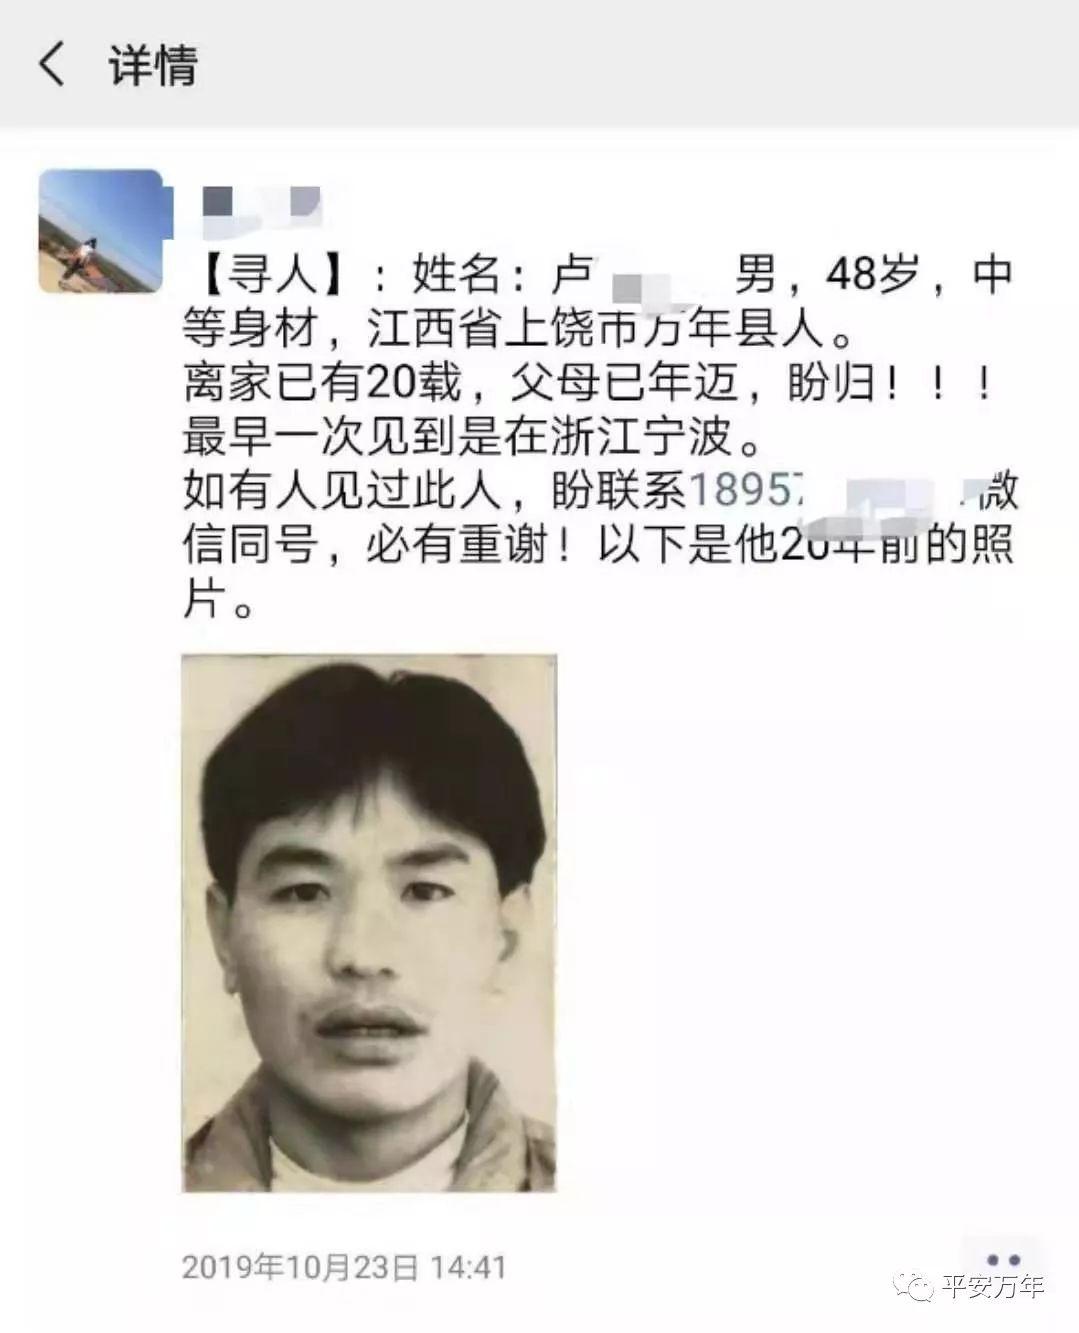 点赞!儿子失踪20年,90岁父母盼归,万年公安七天助其团聚!